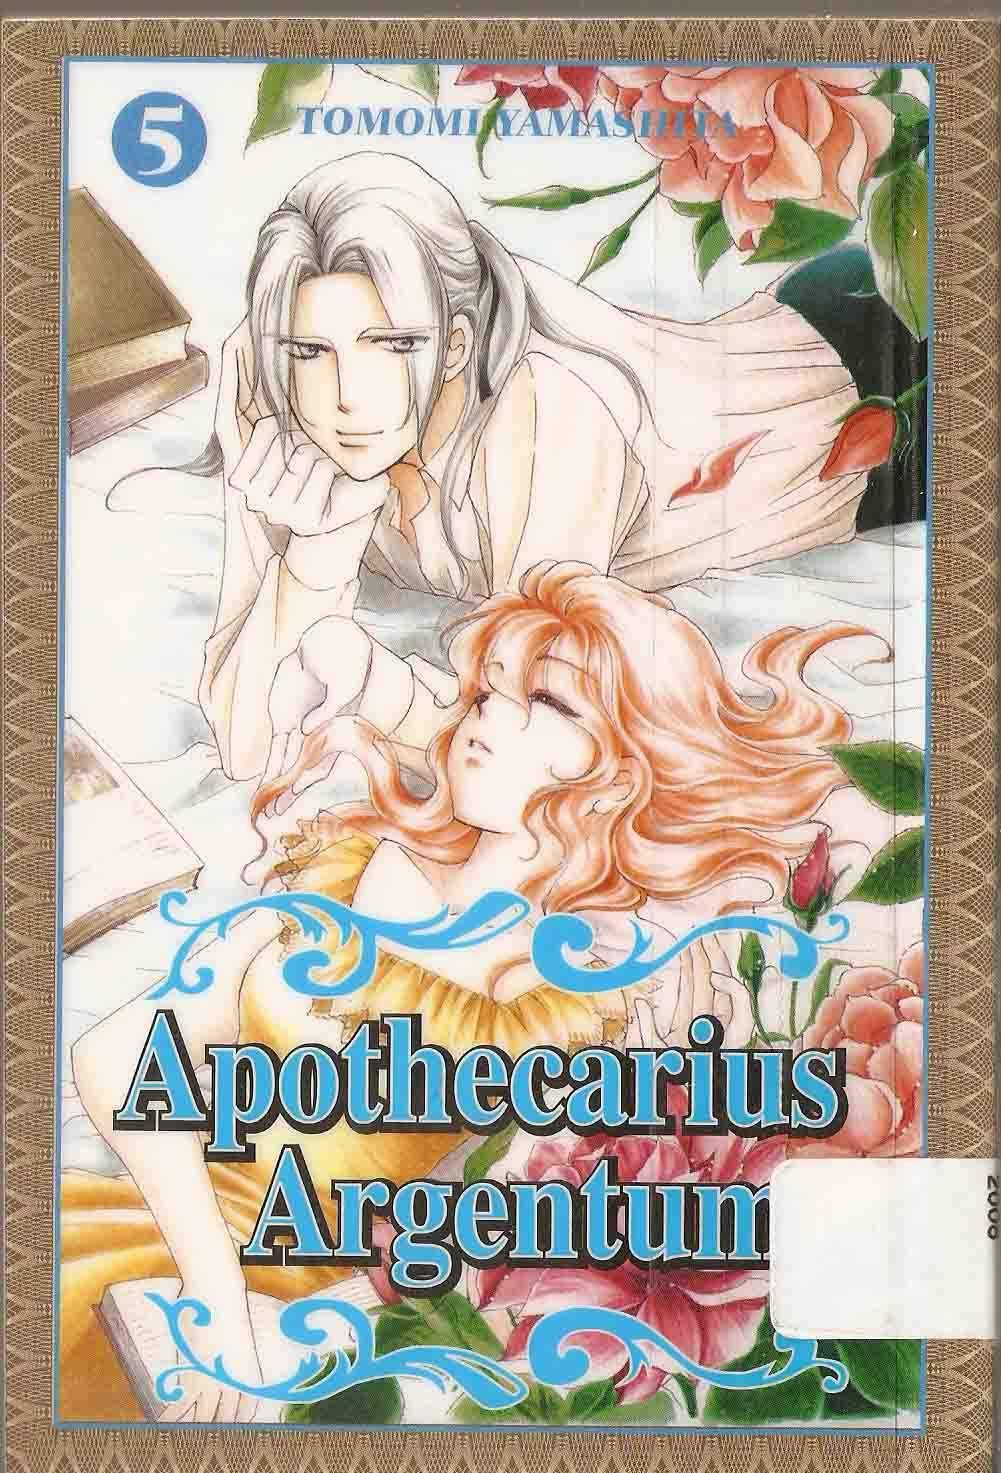 9 apothecarius argentum.jpg